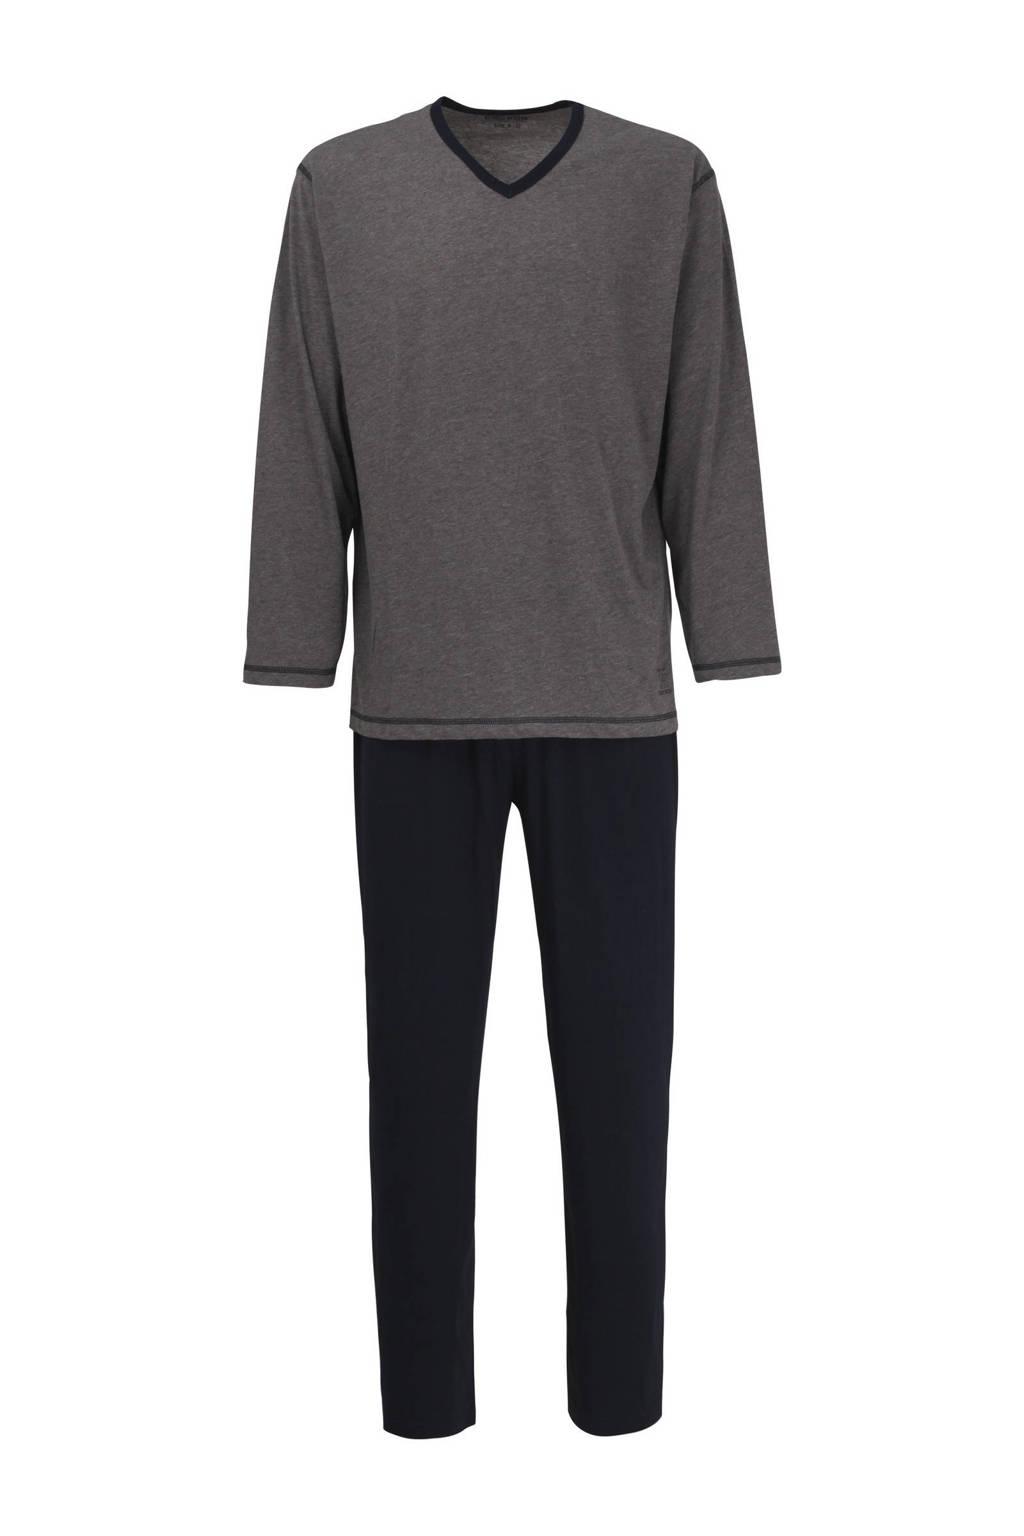 Ceceba pyjama met strepen donkergrijs, Donkergrijs